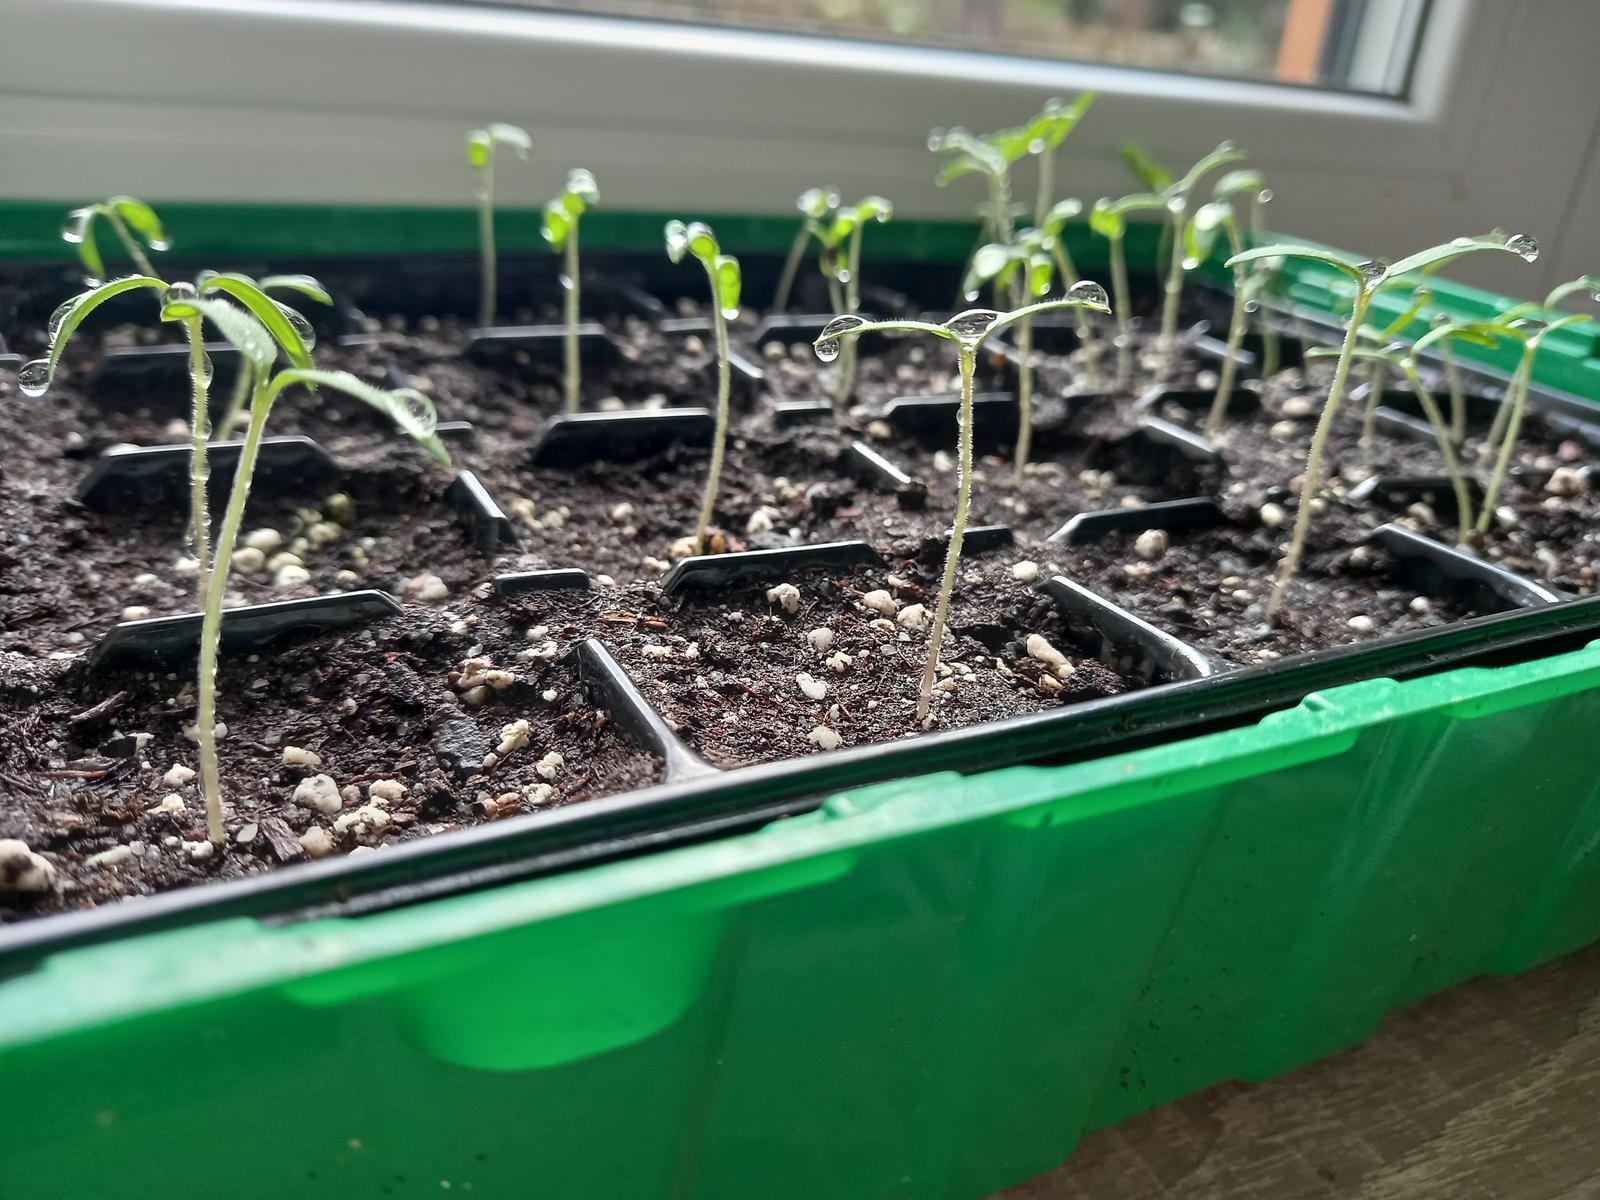 Jedlá zahrada - Po týdnu jsou ze semínek rajčete křehké rostlinky 🌱